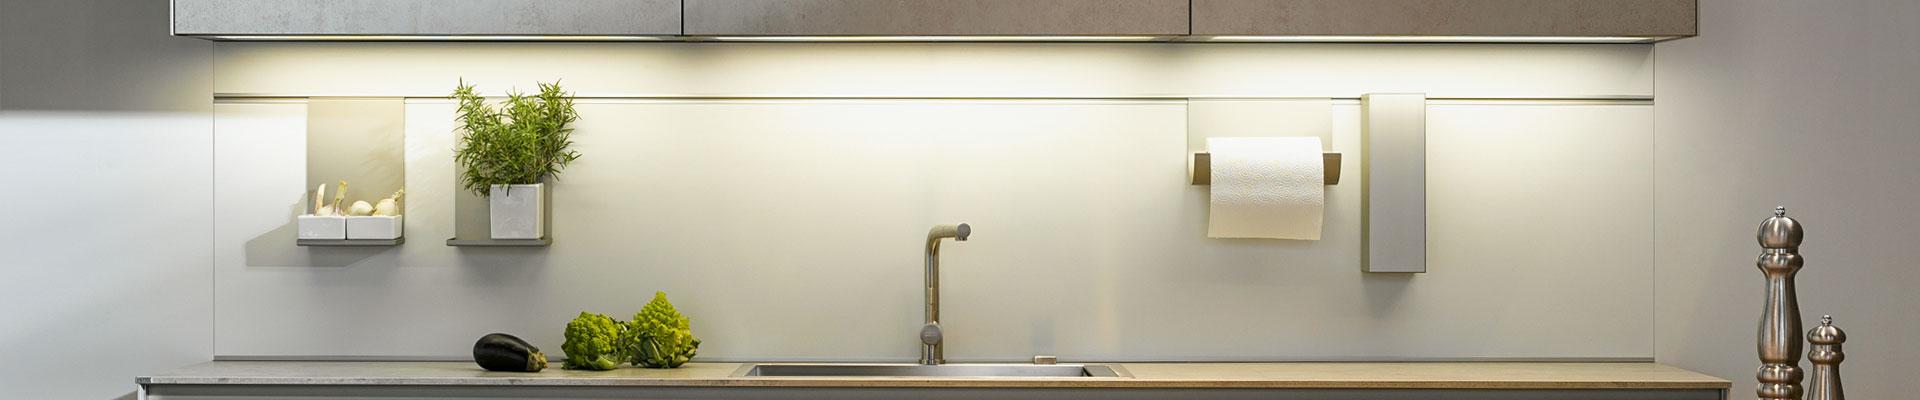 Abbildung Slide Küchenbeleuchtung